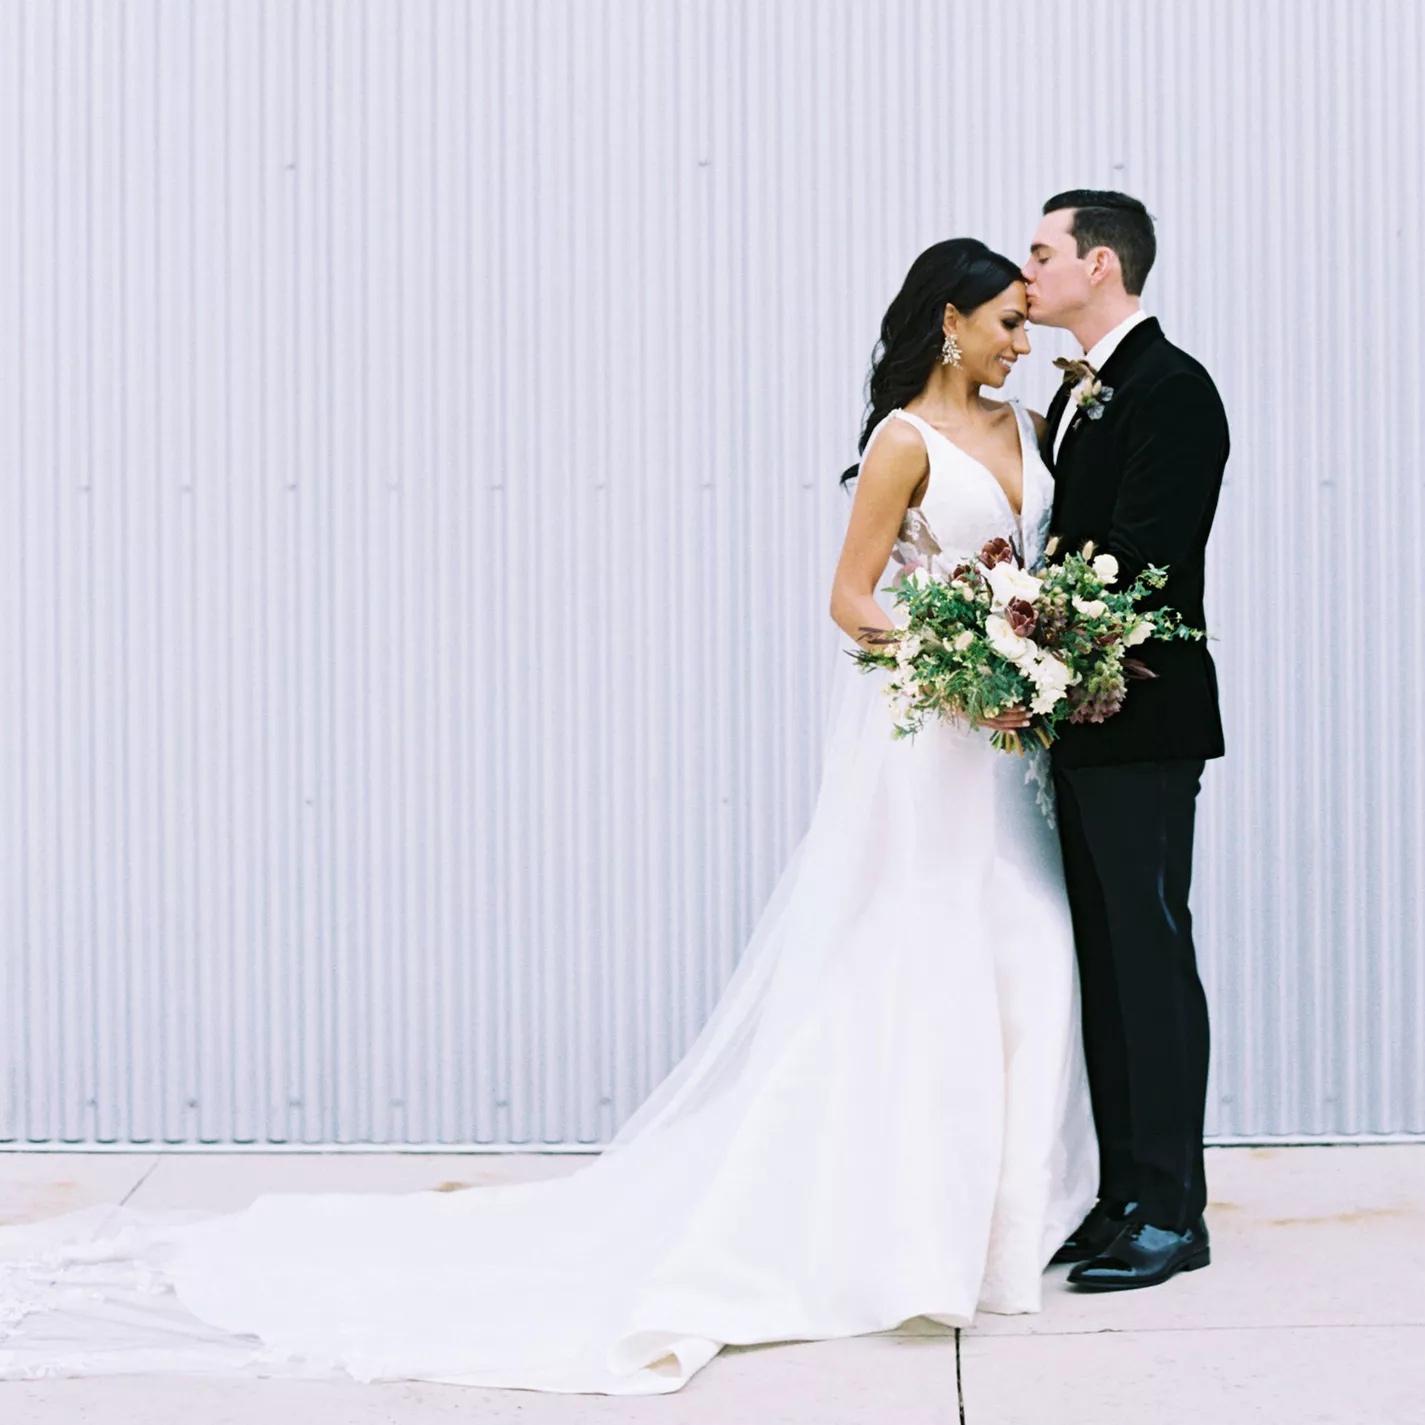 gvEpinckOl4 - Как найти веселого ведущего на свою свадьбу